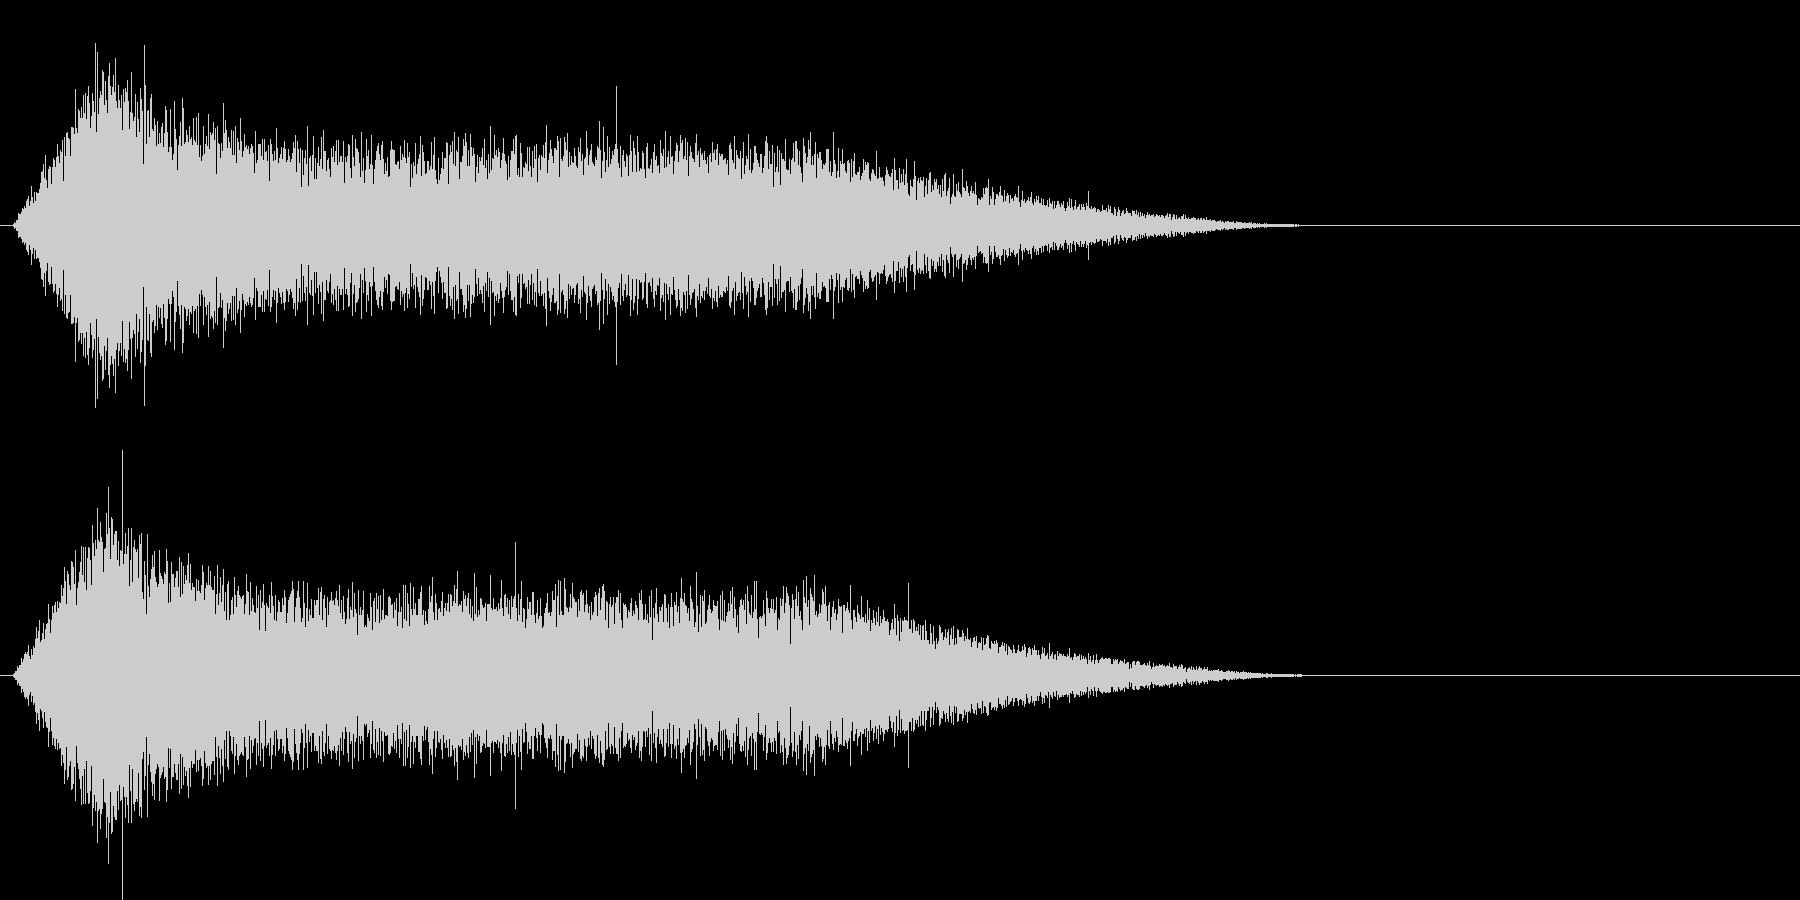 ザザザザー (水の魔法)の未再生の波形